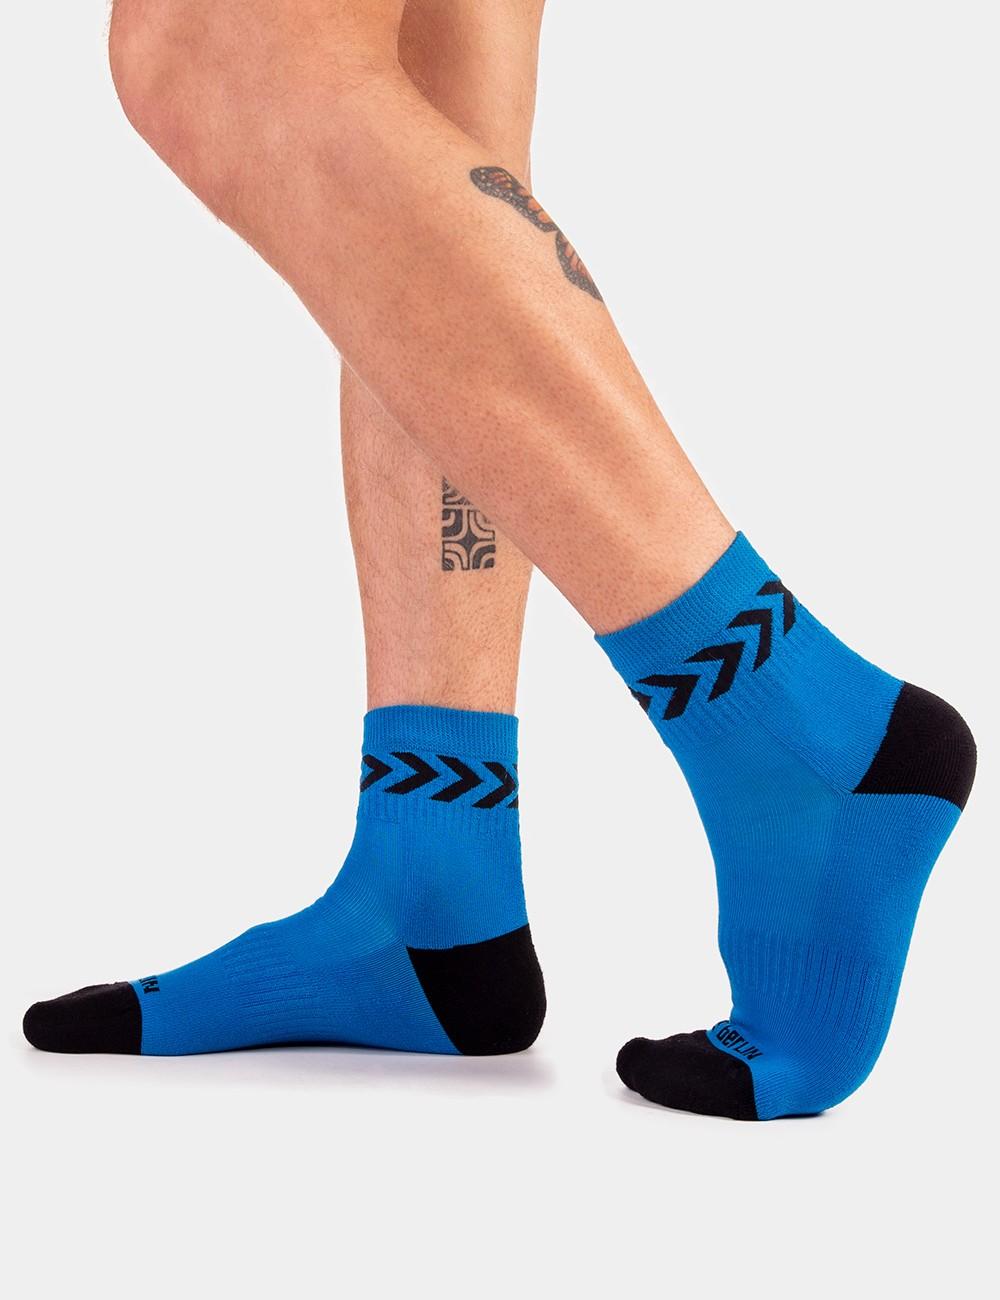 Petty Socks Ss20 - Blue-Black